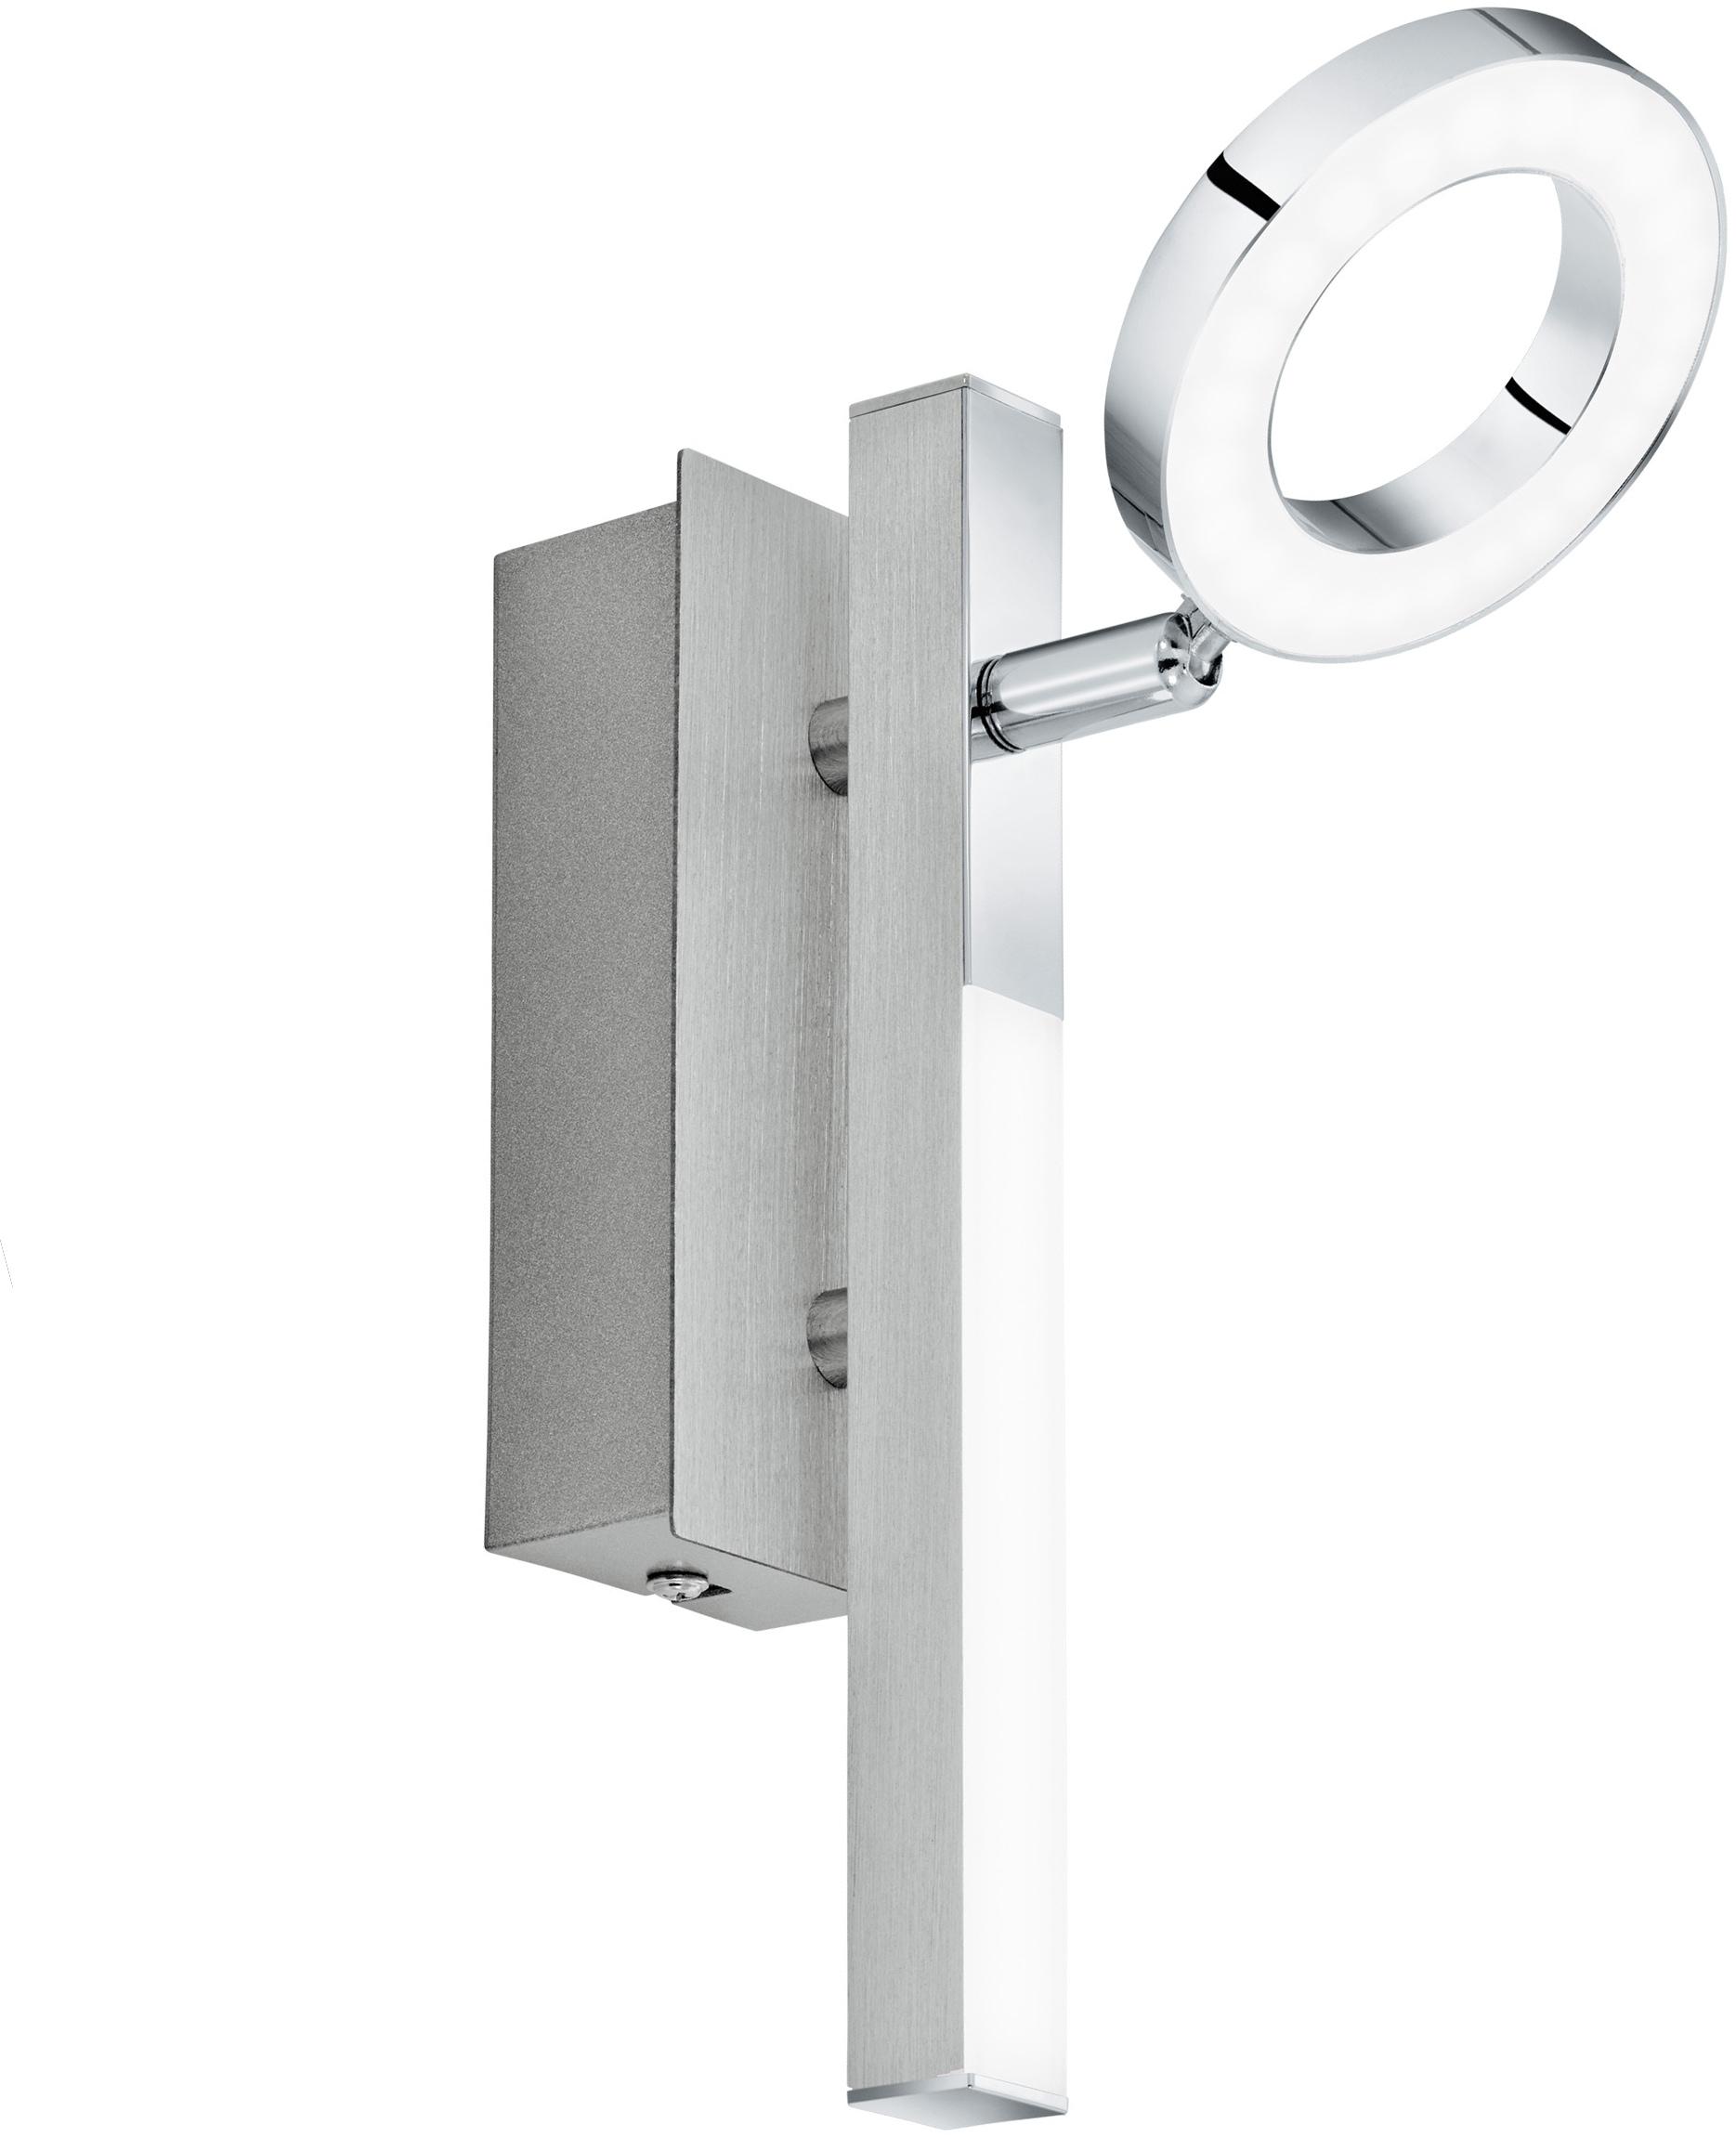 EGLO LED Wandleuchte CARDILLIO 1, LED-Board, Warmweiß